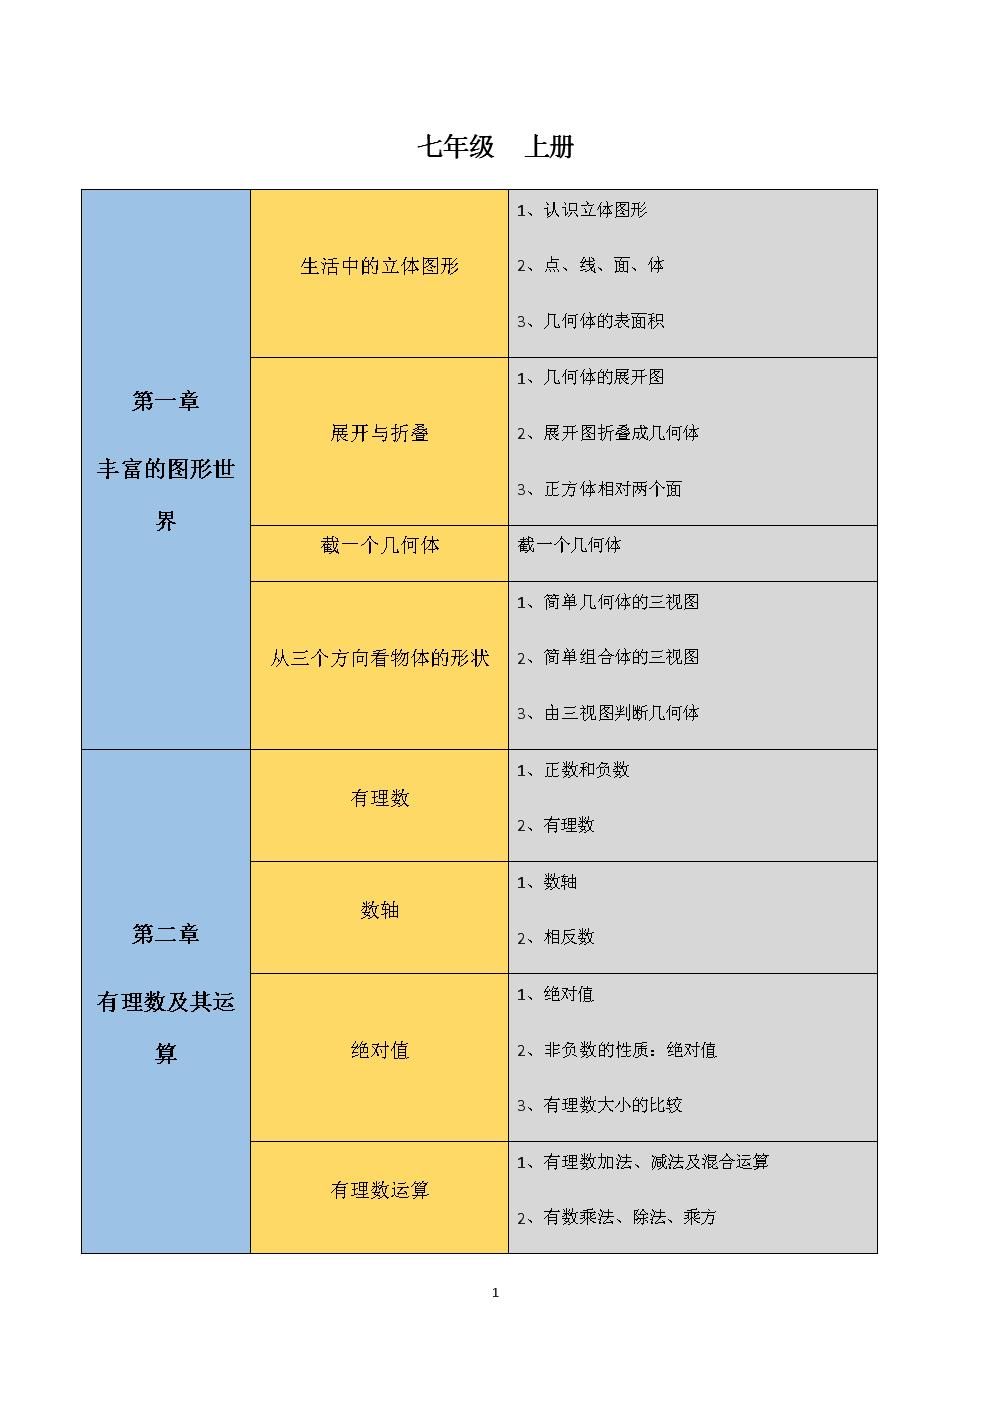 初中數學知識點總結思維導圖(北師大版).docx圖片